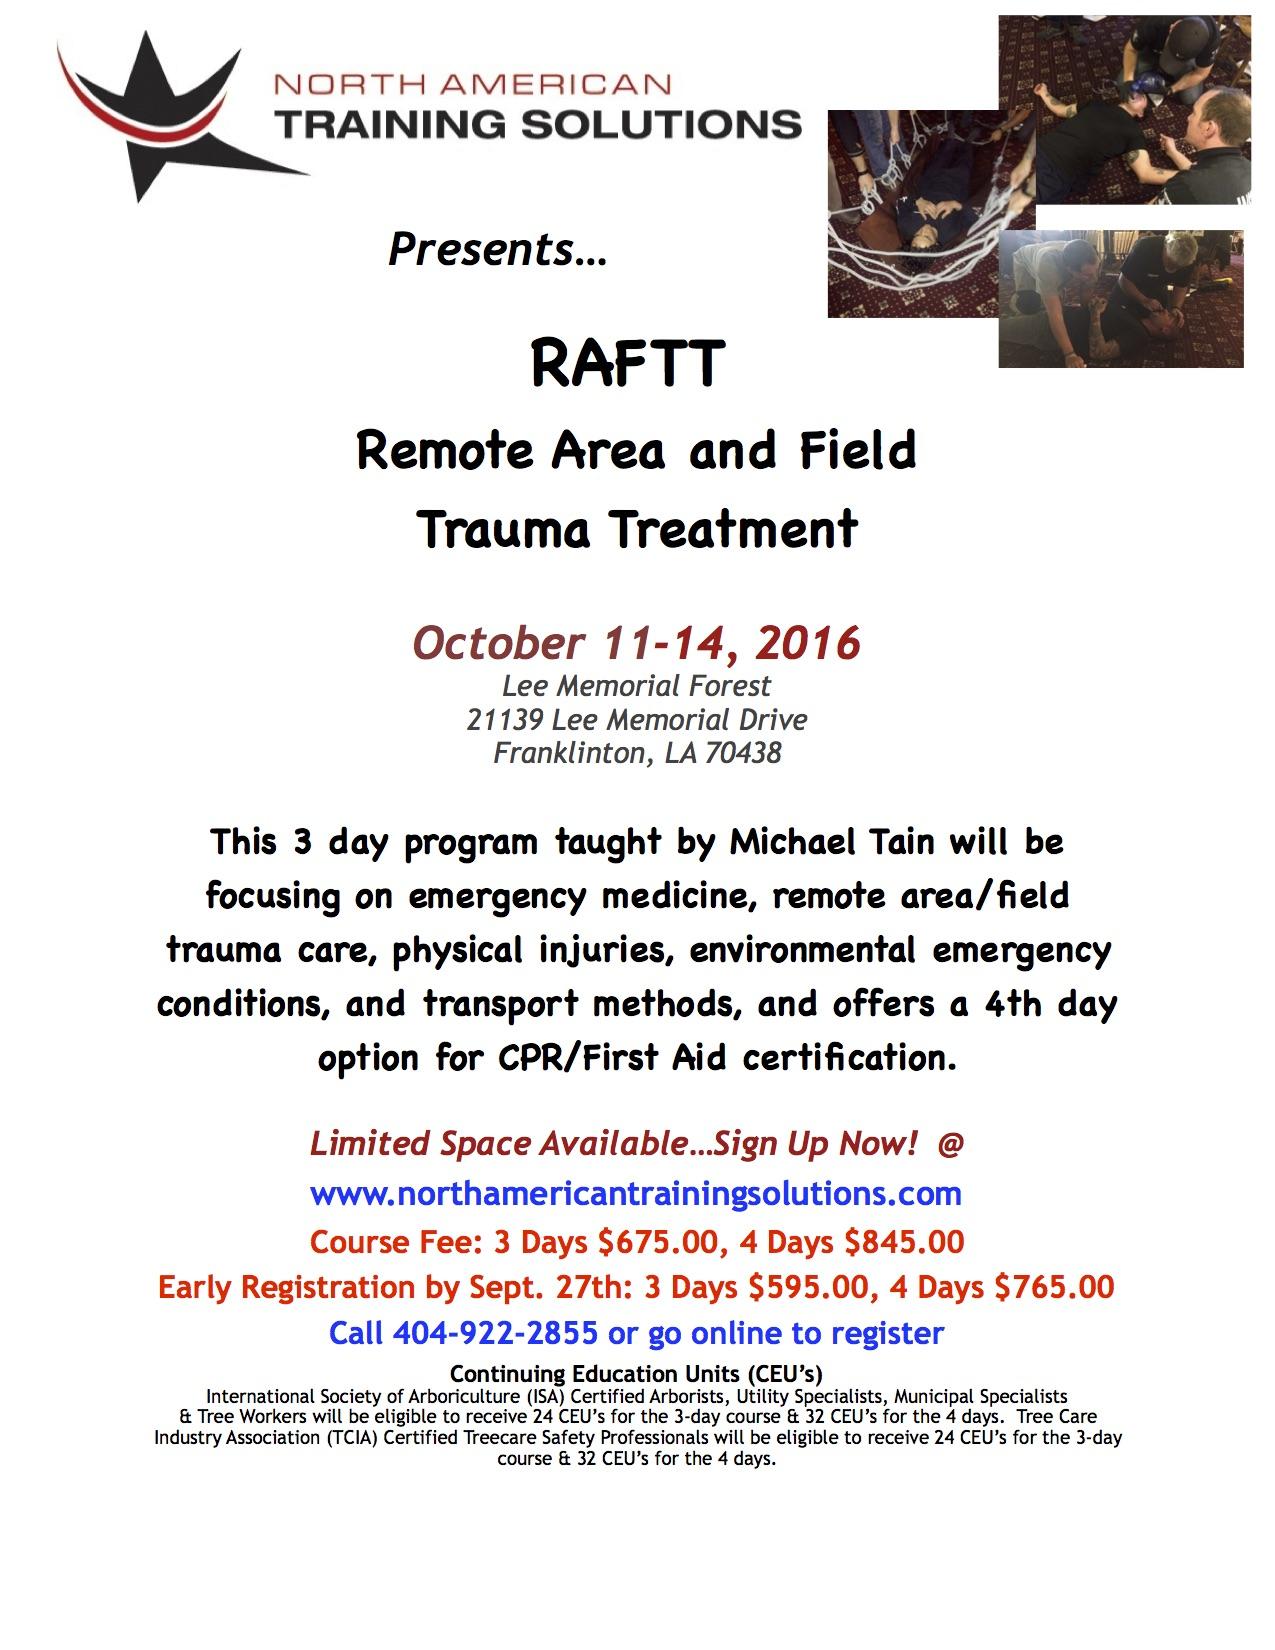 RAFTT flyer jpeg